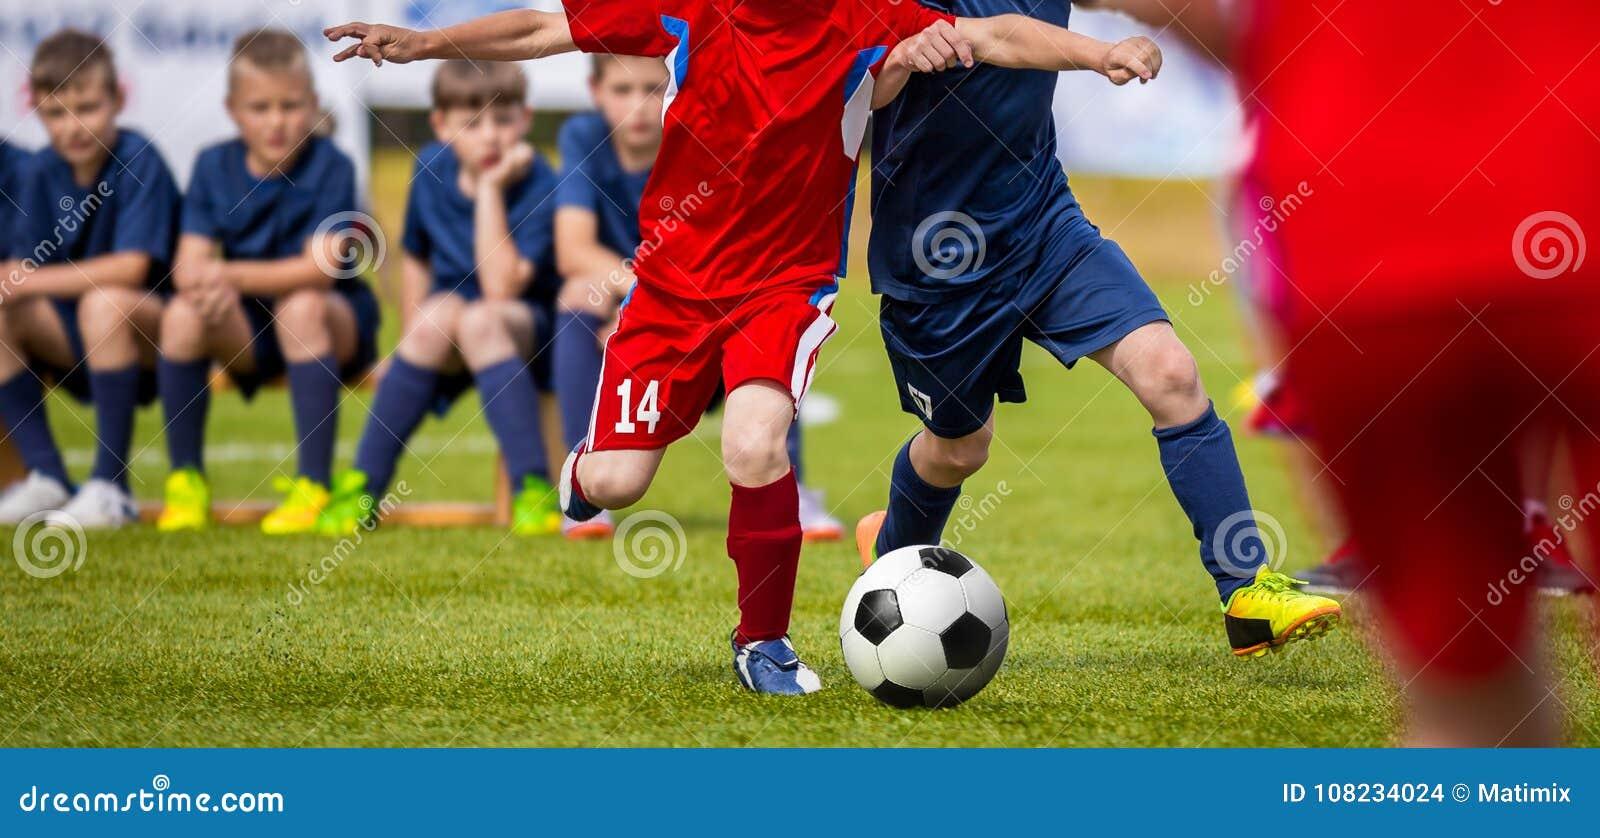 Fußballspiel für junge Spieler Trainings- und Fußballfußballturnier für Kinder